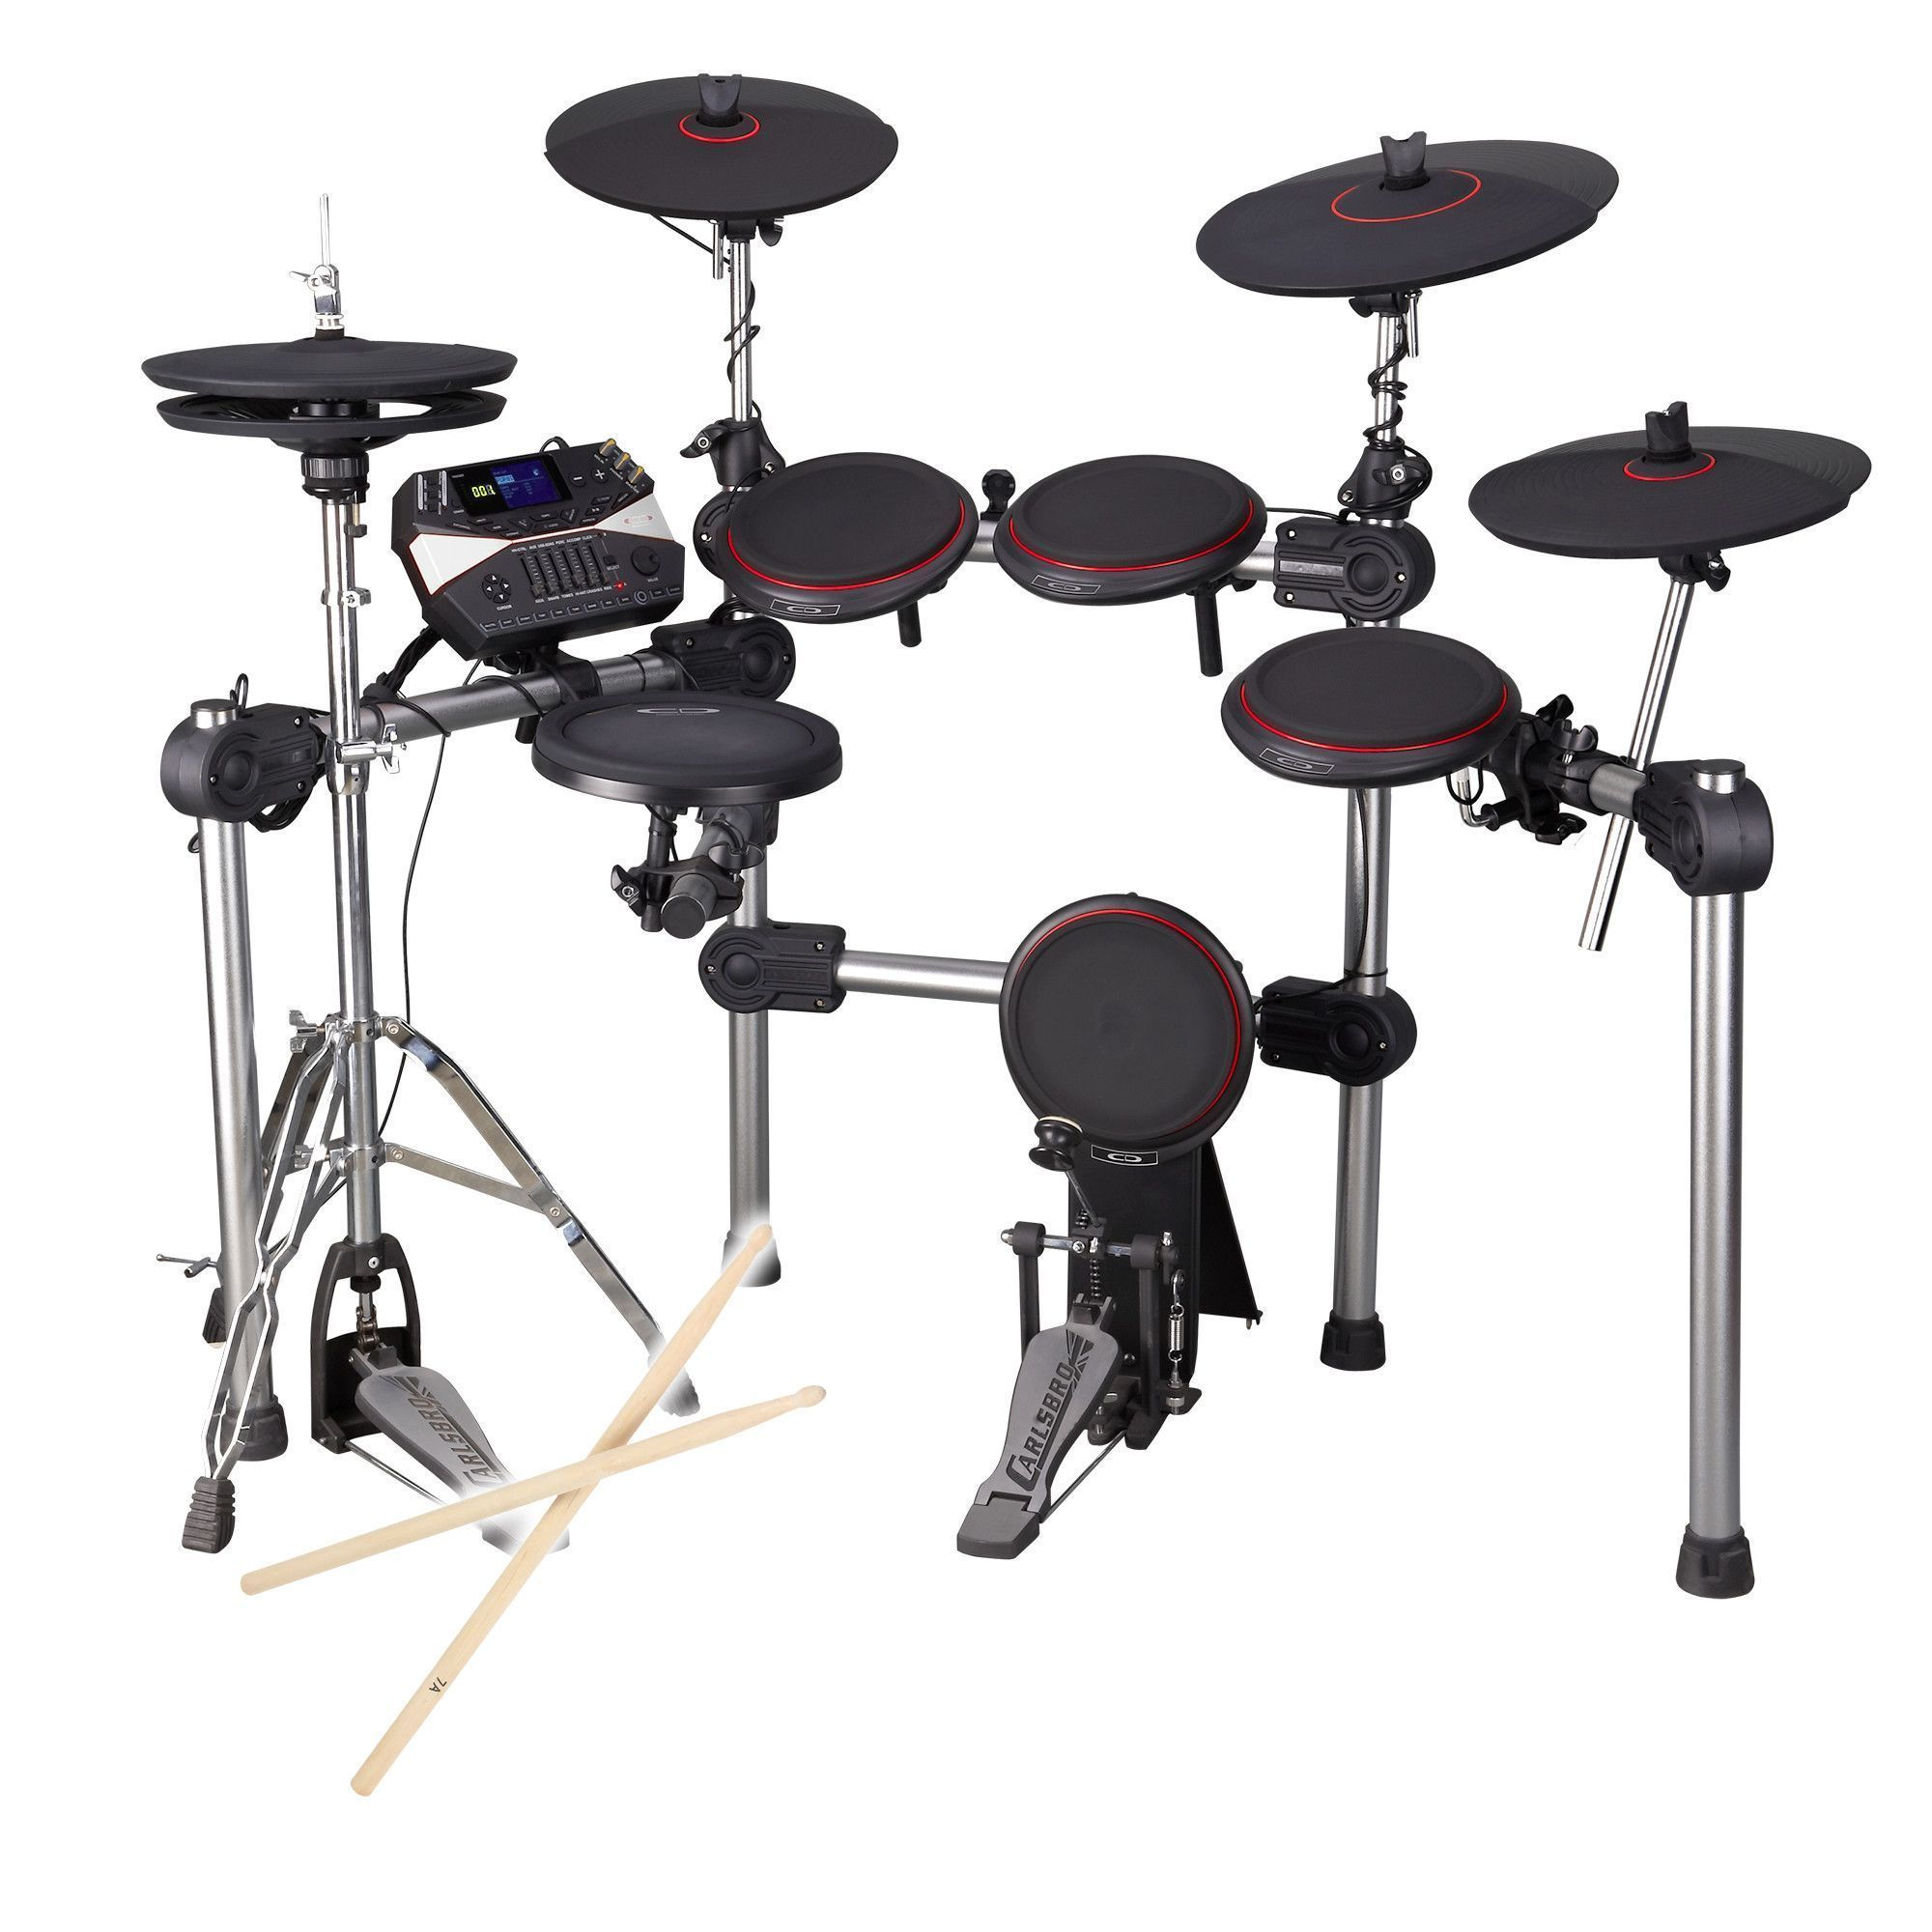 Afbeelding van Carlsbro CSD310 elektrisch drumstel met 9 real feel pads...